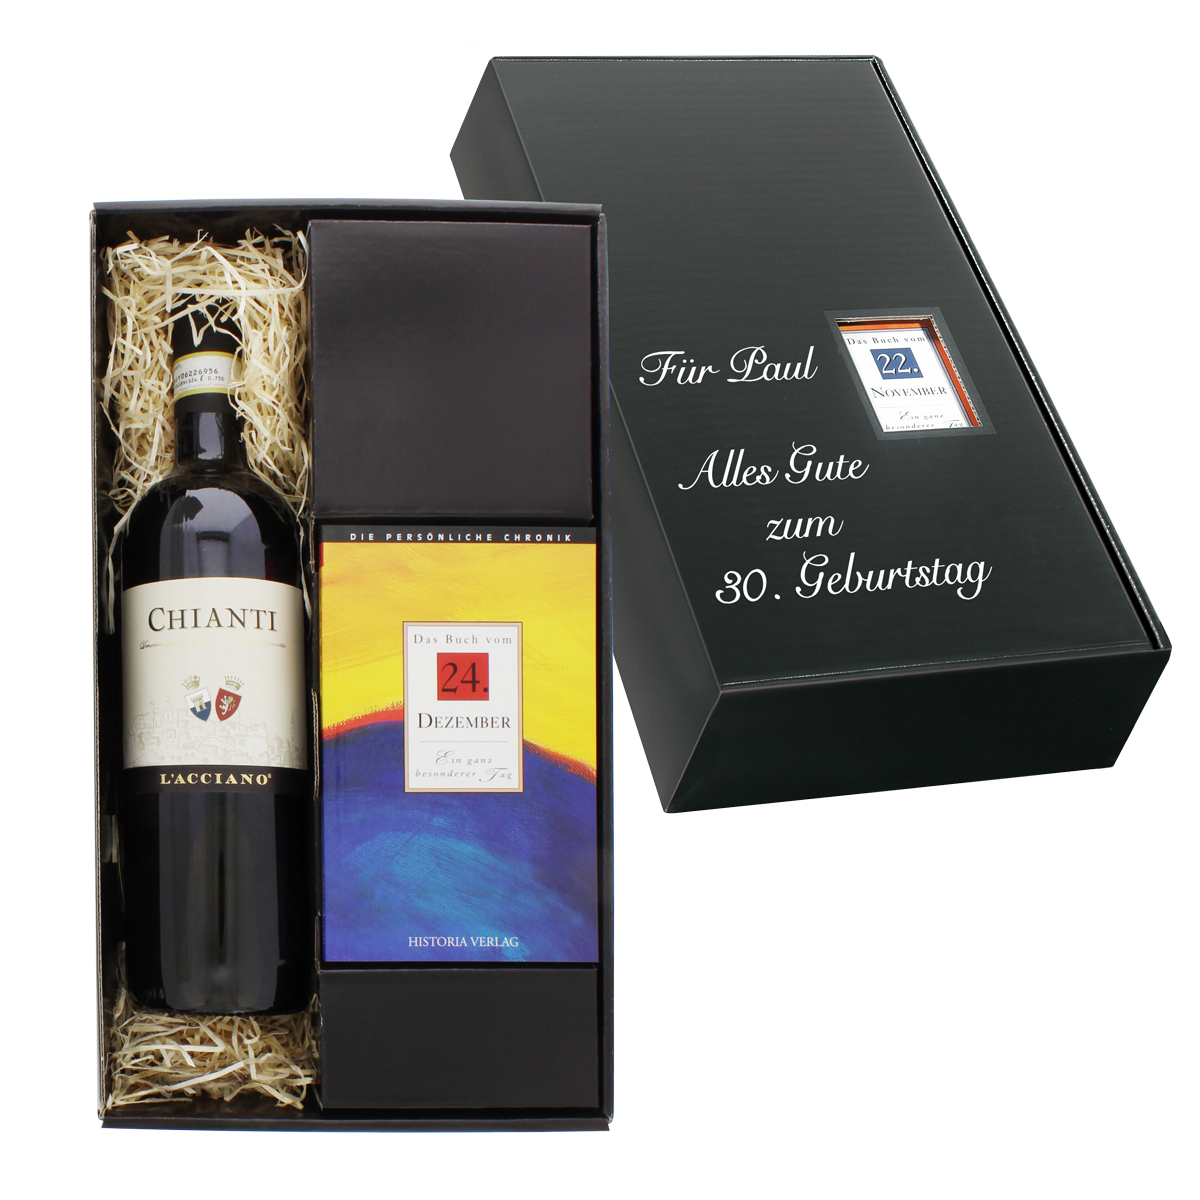 Italien-Set: Tageschronik vom 1. Dezember & Chianti-Wein